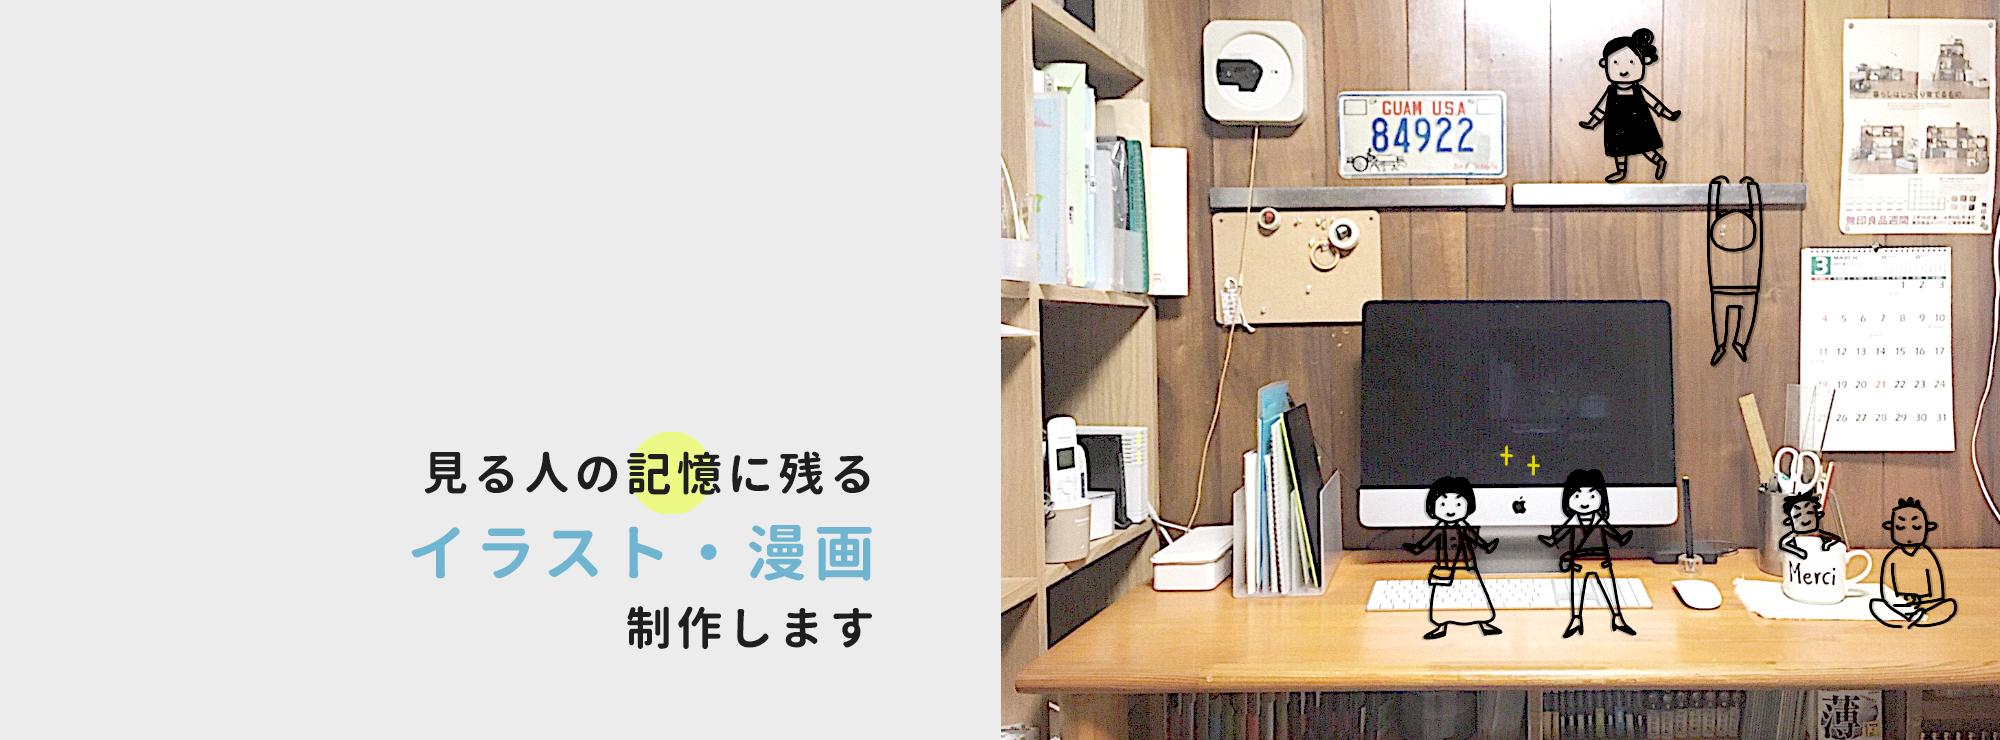 イラスト/漫画制作